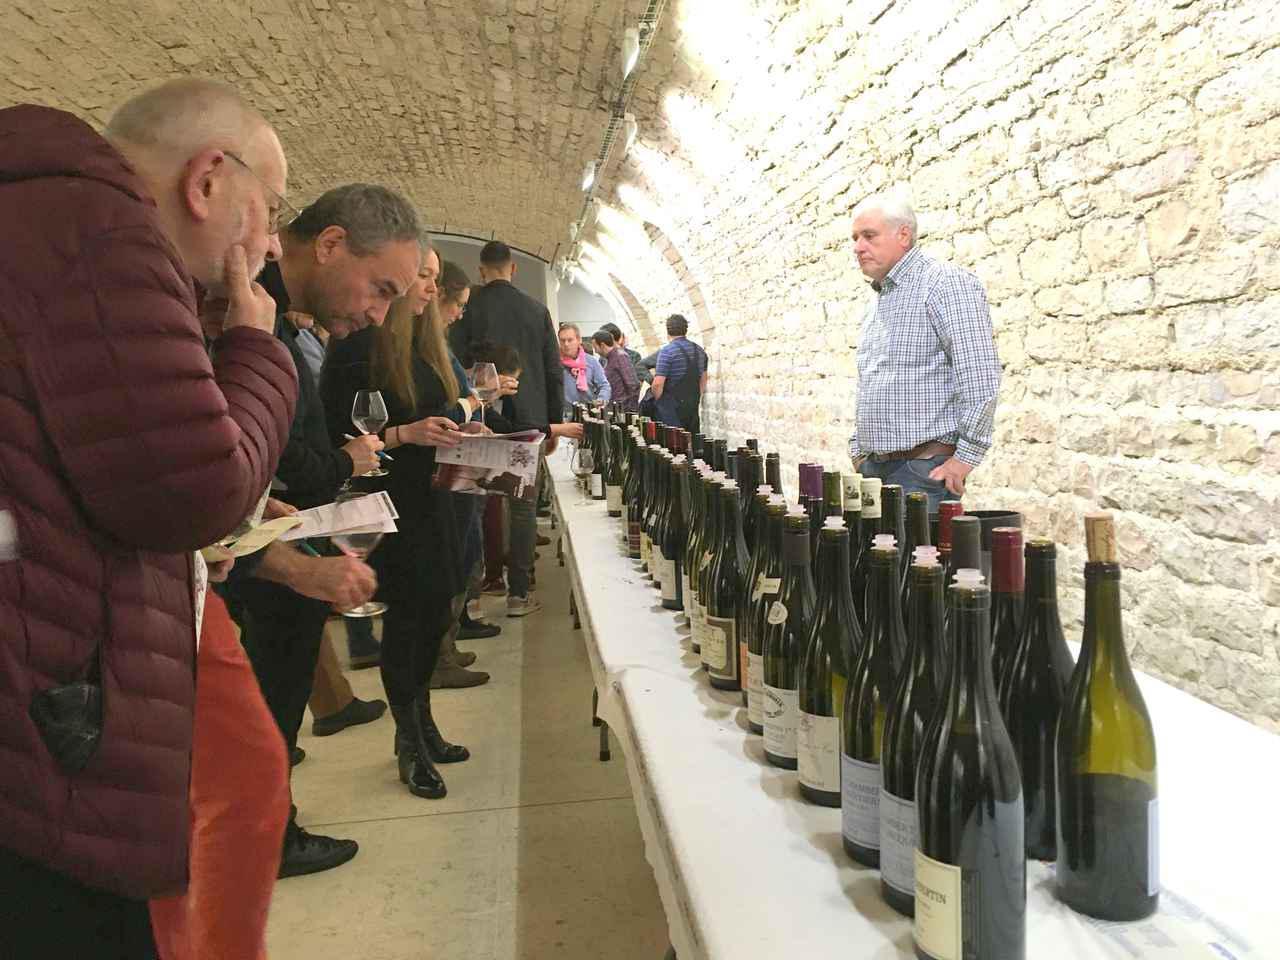 画像2: ブルゴーニュ地方最大のワイン祭り「Les Trois Glorieuses(栄光の3日間)」